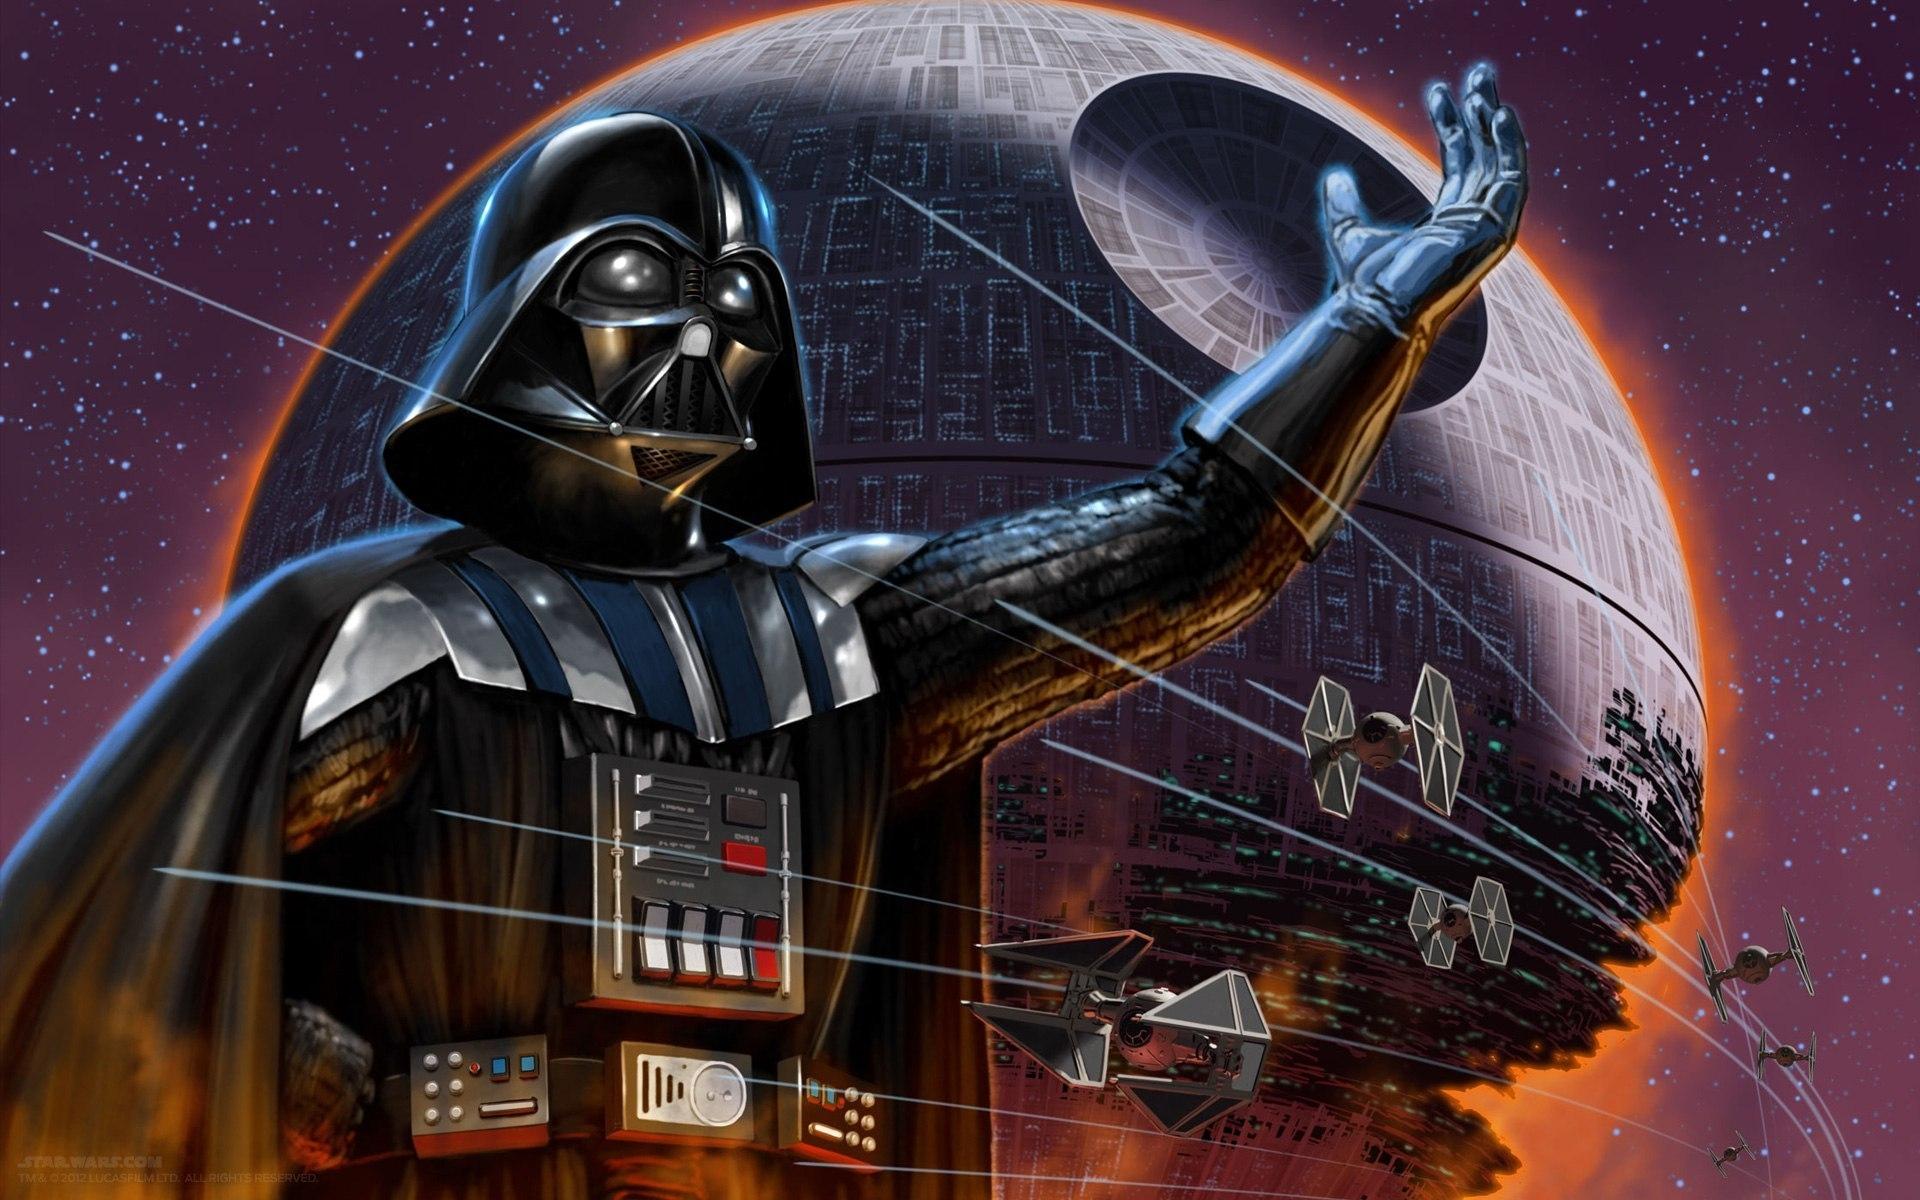 Free Download Wallpaper Hd Darth Vader Star Wars Character Hd